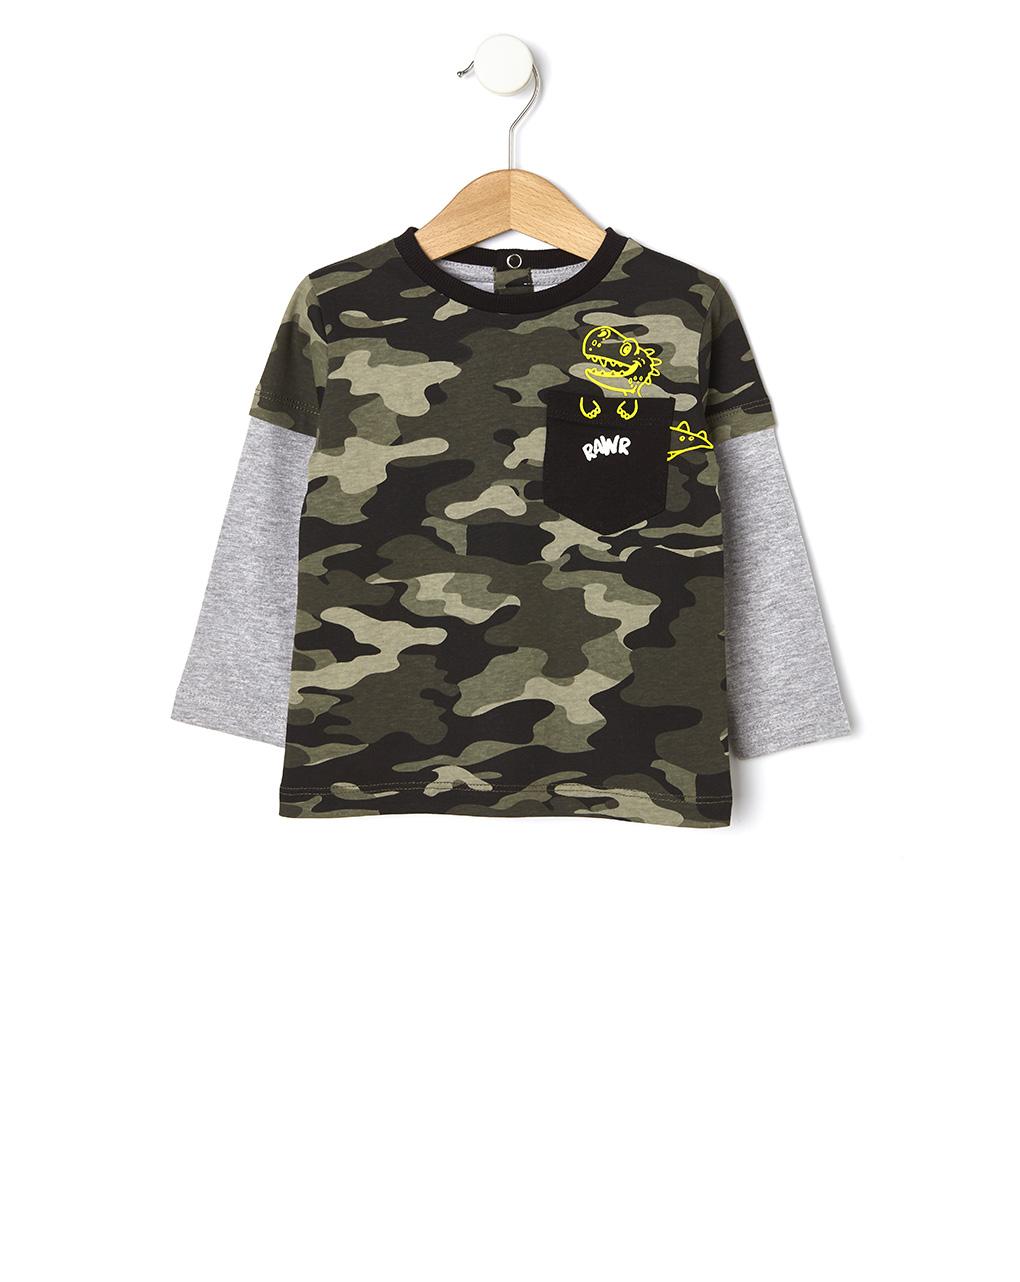 Μπλούζα με Σχέδιο Παραλλαγής για Αγόρι